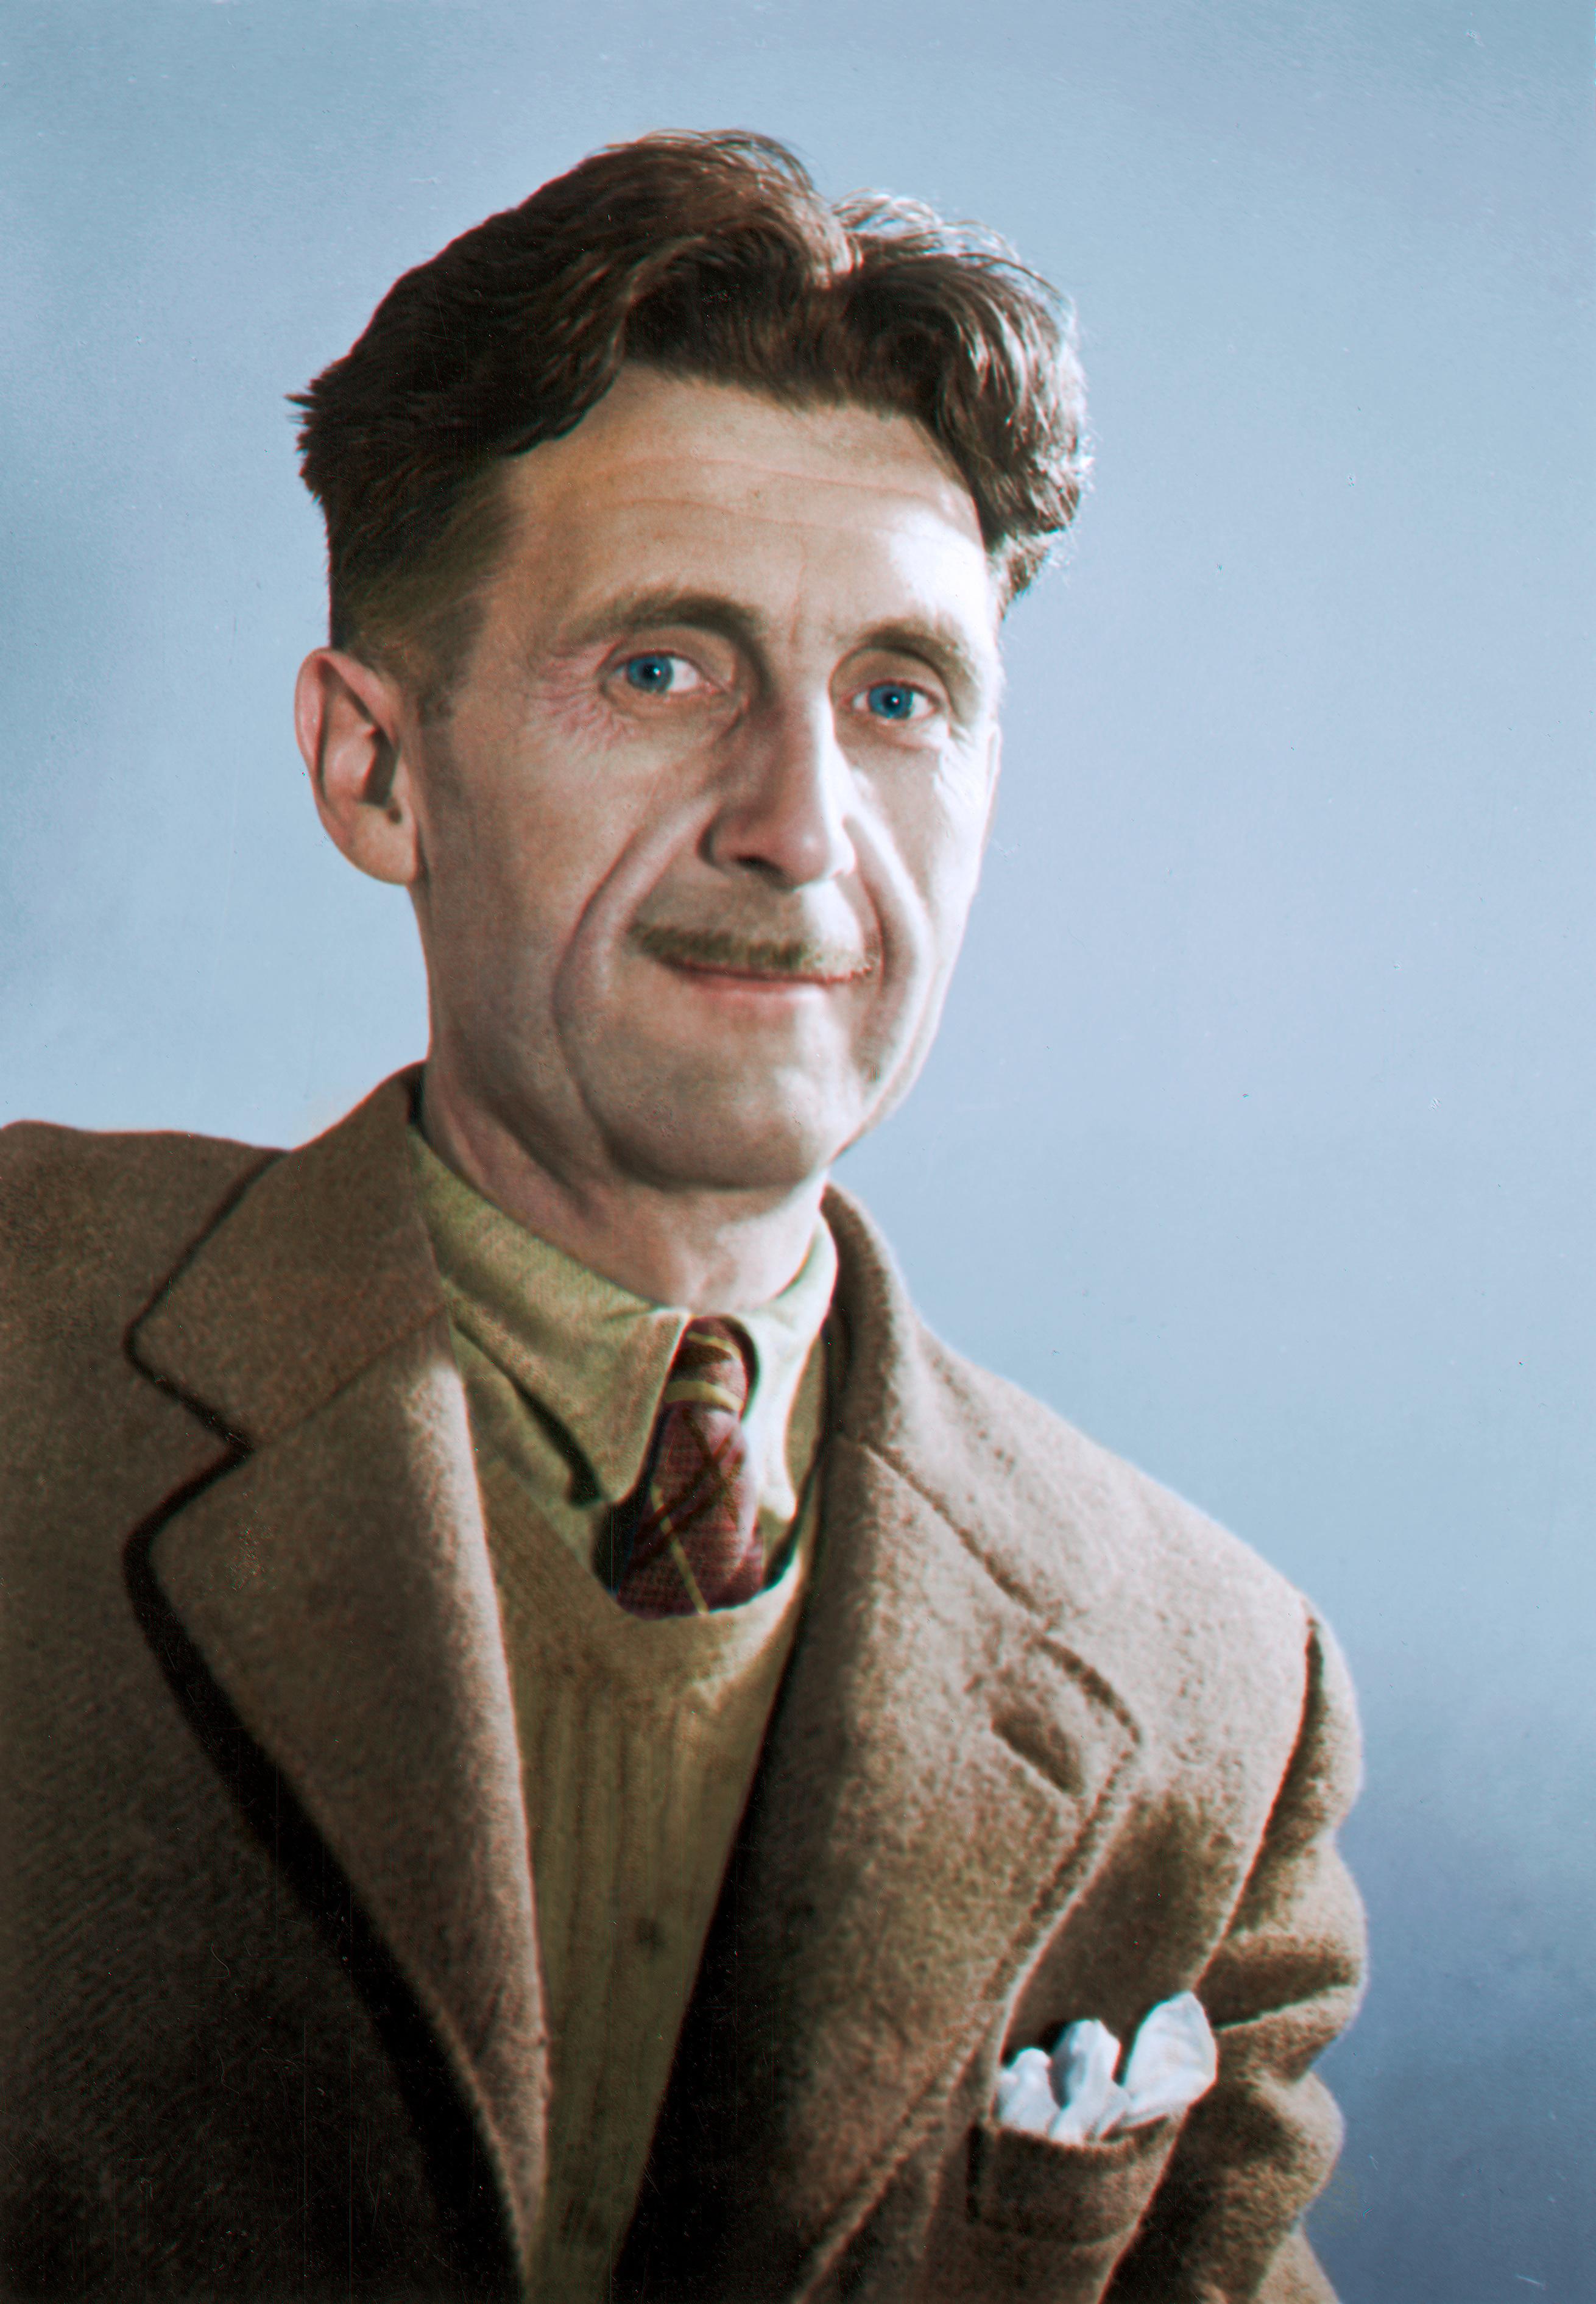 Retrato do autor George Orwell, da altura do peito para cima. Orwell é um homem branco, de cabelos castanhas e olhos azuis. Tem um bigode fino e está usando um blaser, um colete e uma camisa em tons marrons.